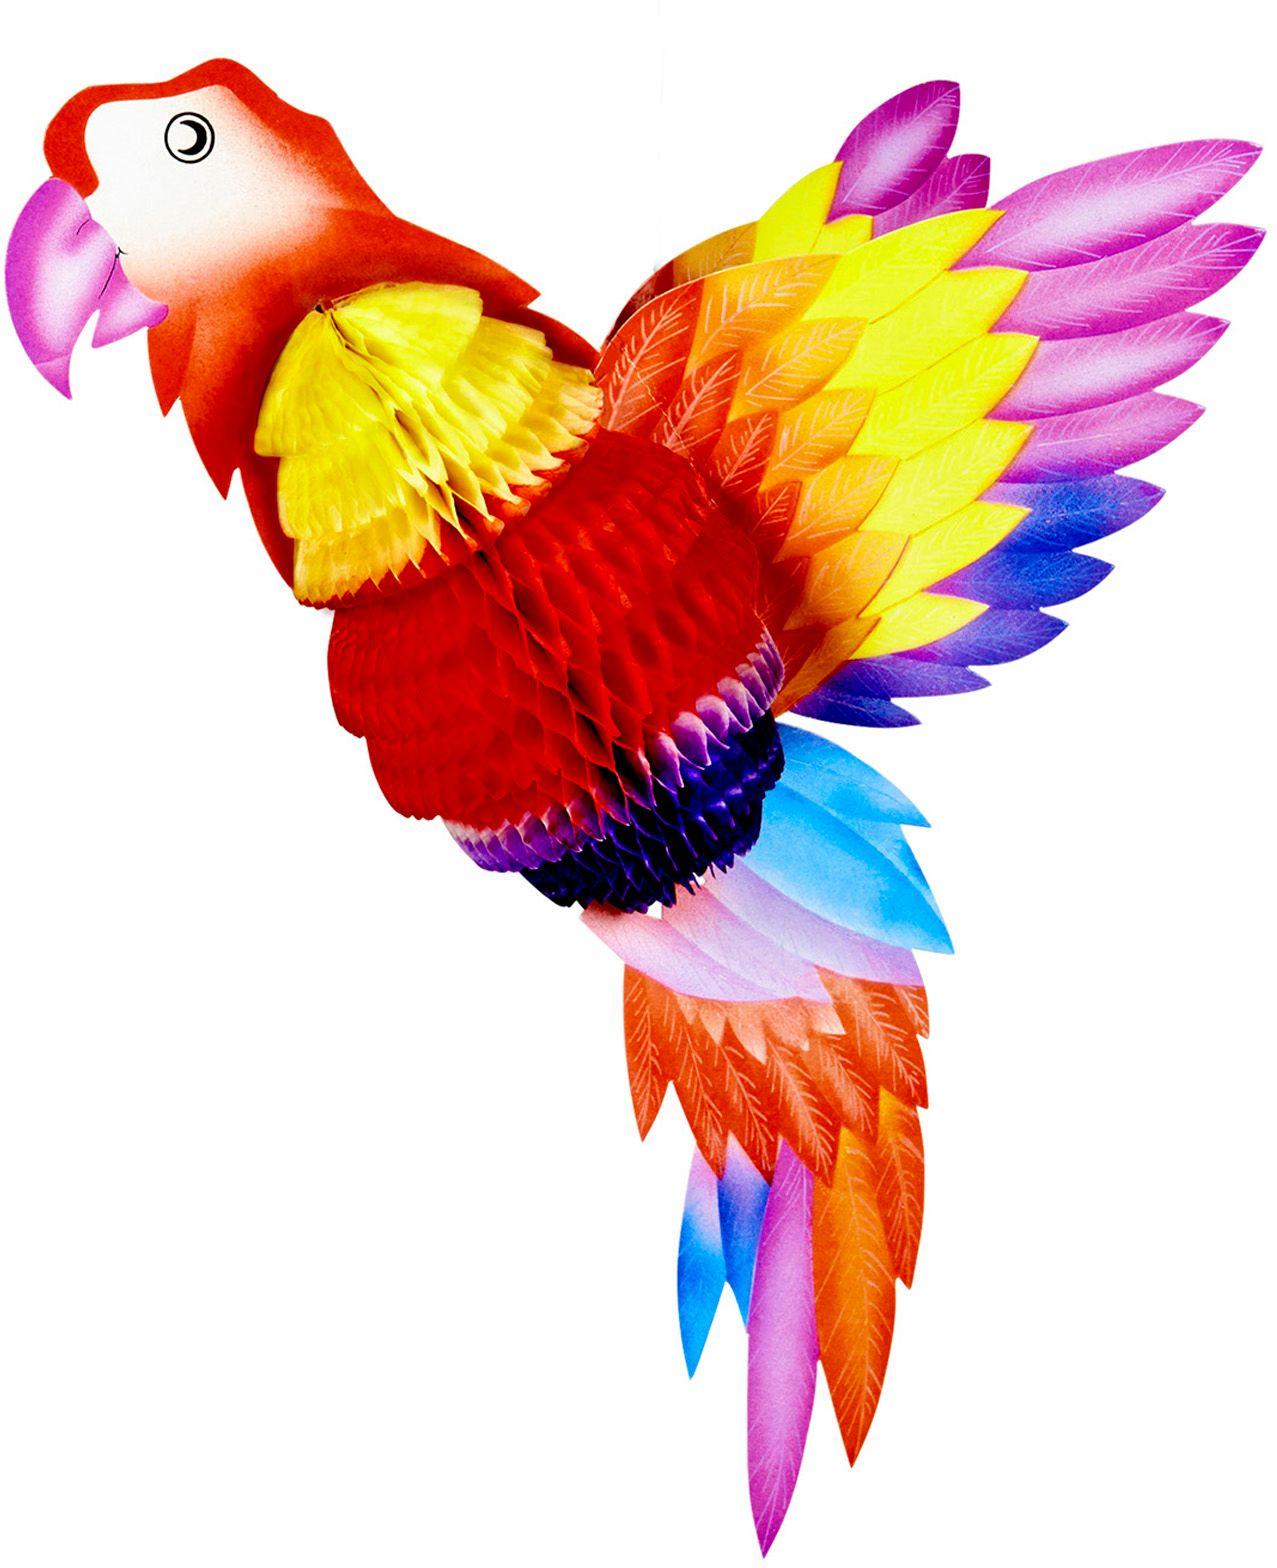 Rode papegaai honingraat